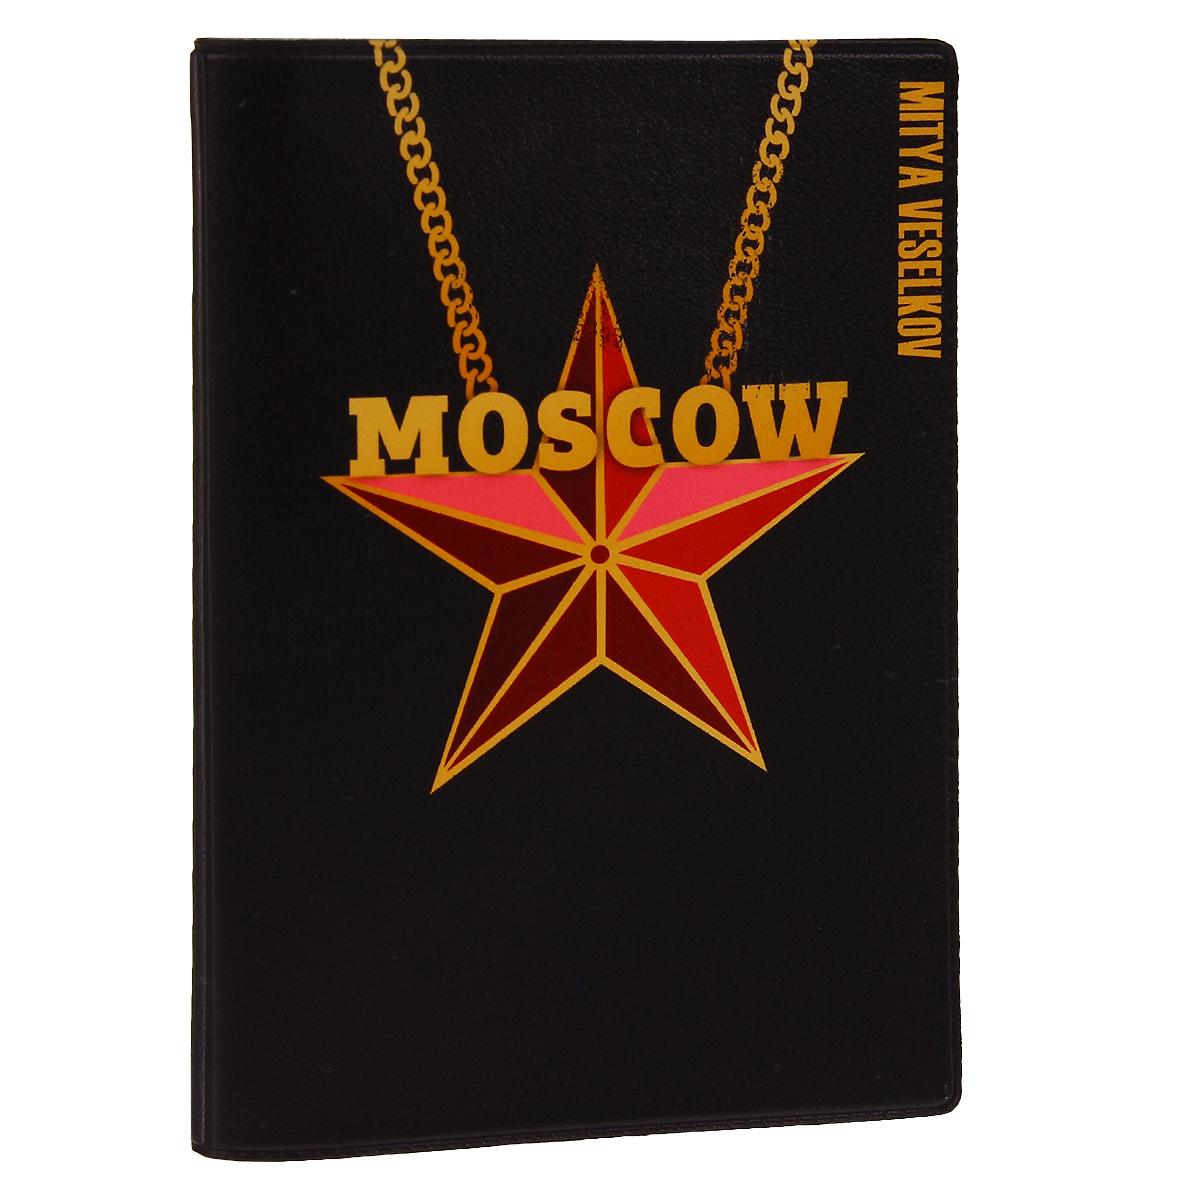 Обложка для паспорта Moscow Star. OZAM275ПВХ (поливинилхлорид)Обложка для паспорта Mitya Veselkov Moscow Star выполнена из прочного ПВХ и оформлена изображением красной пятиконечной звезды, подвешенной на цепочку, и надписью Moscow. Такая обложка не только поможет сохранить внешний вид ваших документов и защитит их от повреждений, но и станет стильным аксессуаром, идеально подходящим вашему образу.Яркая и оригинальная обложка подчеркнет вашу индивидуальность и изысканный вкус. Обложка для паспорта стильного дизайна может быть достойным и оригинальным подарком.